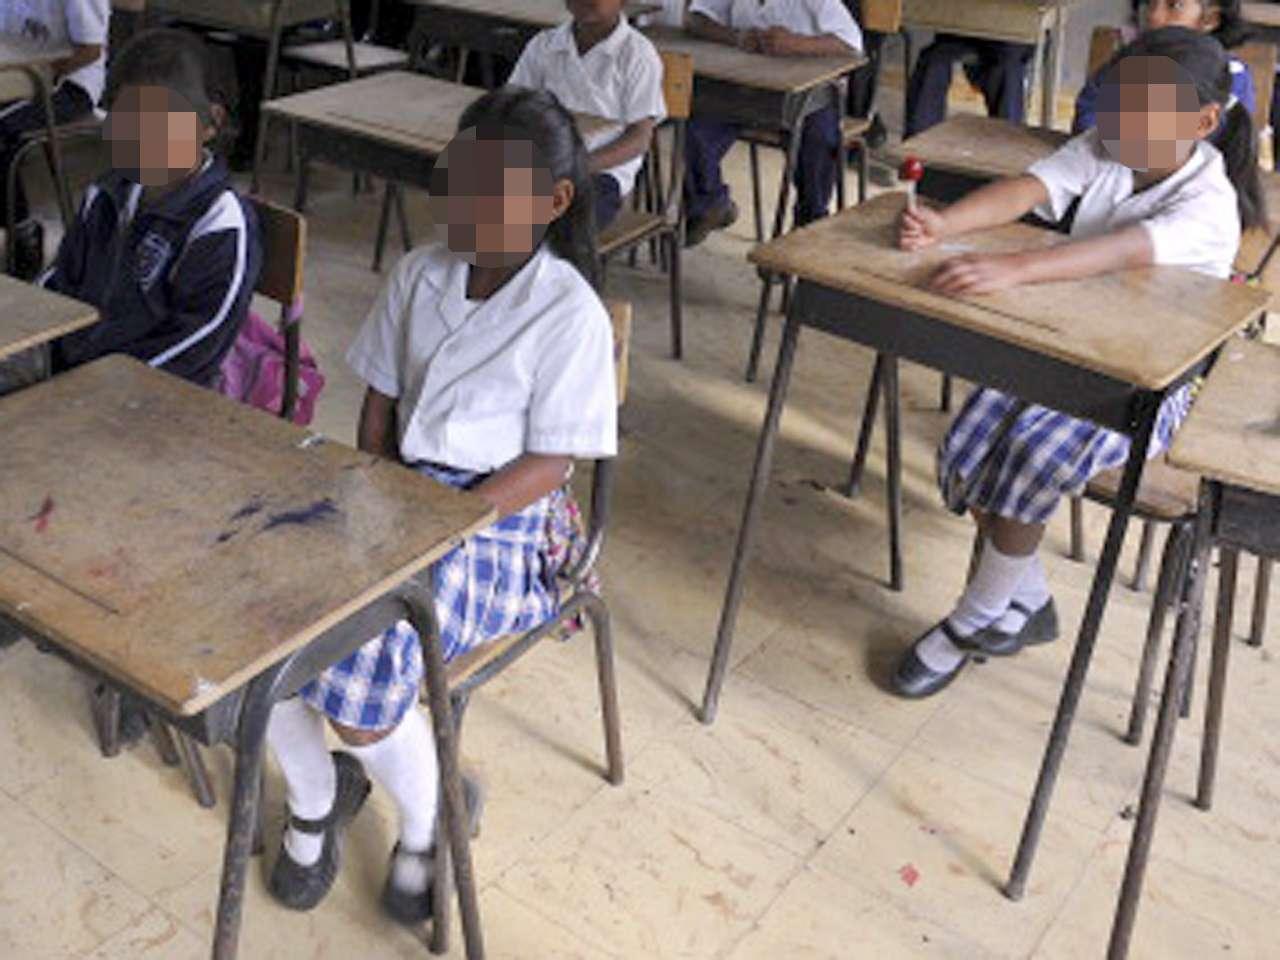 Las responsables fueron aprehendidas, aunque por ser menores de edad quedarán en libertad con una marca en sus expedientes judiciales Foto: AFP/Archivo